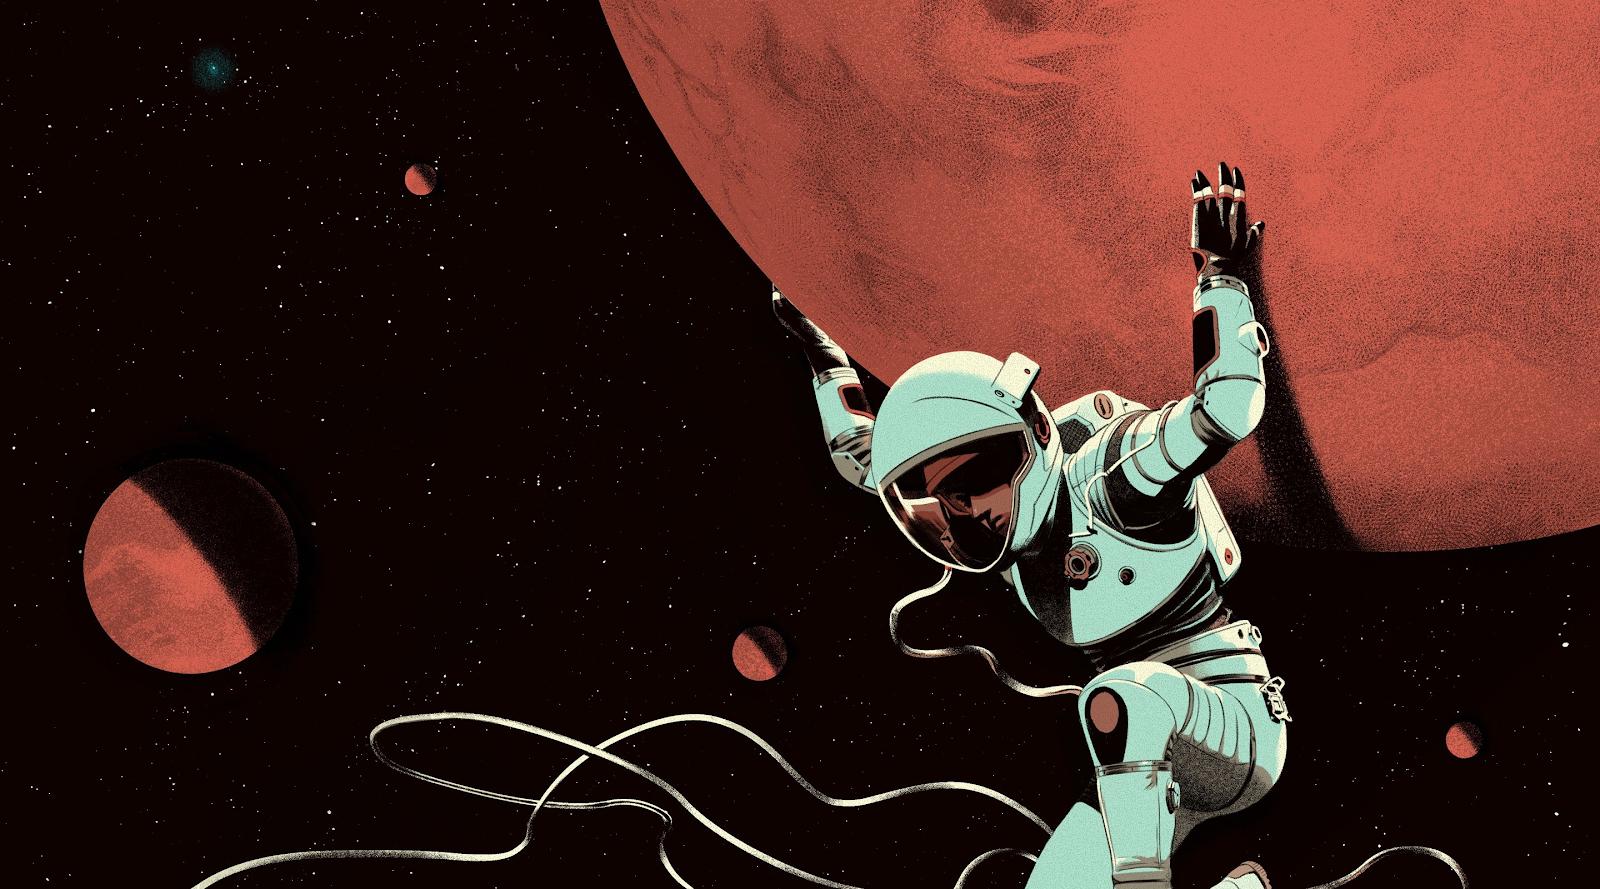 Будущее Марса на наших плечах, но это не точно.